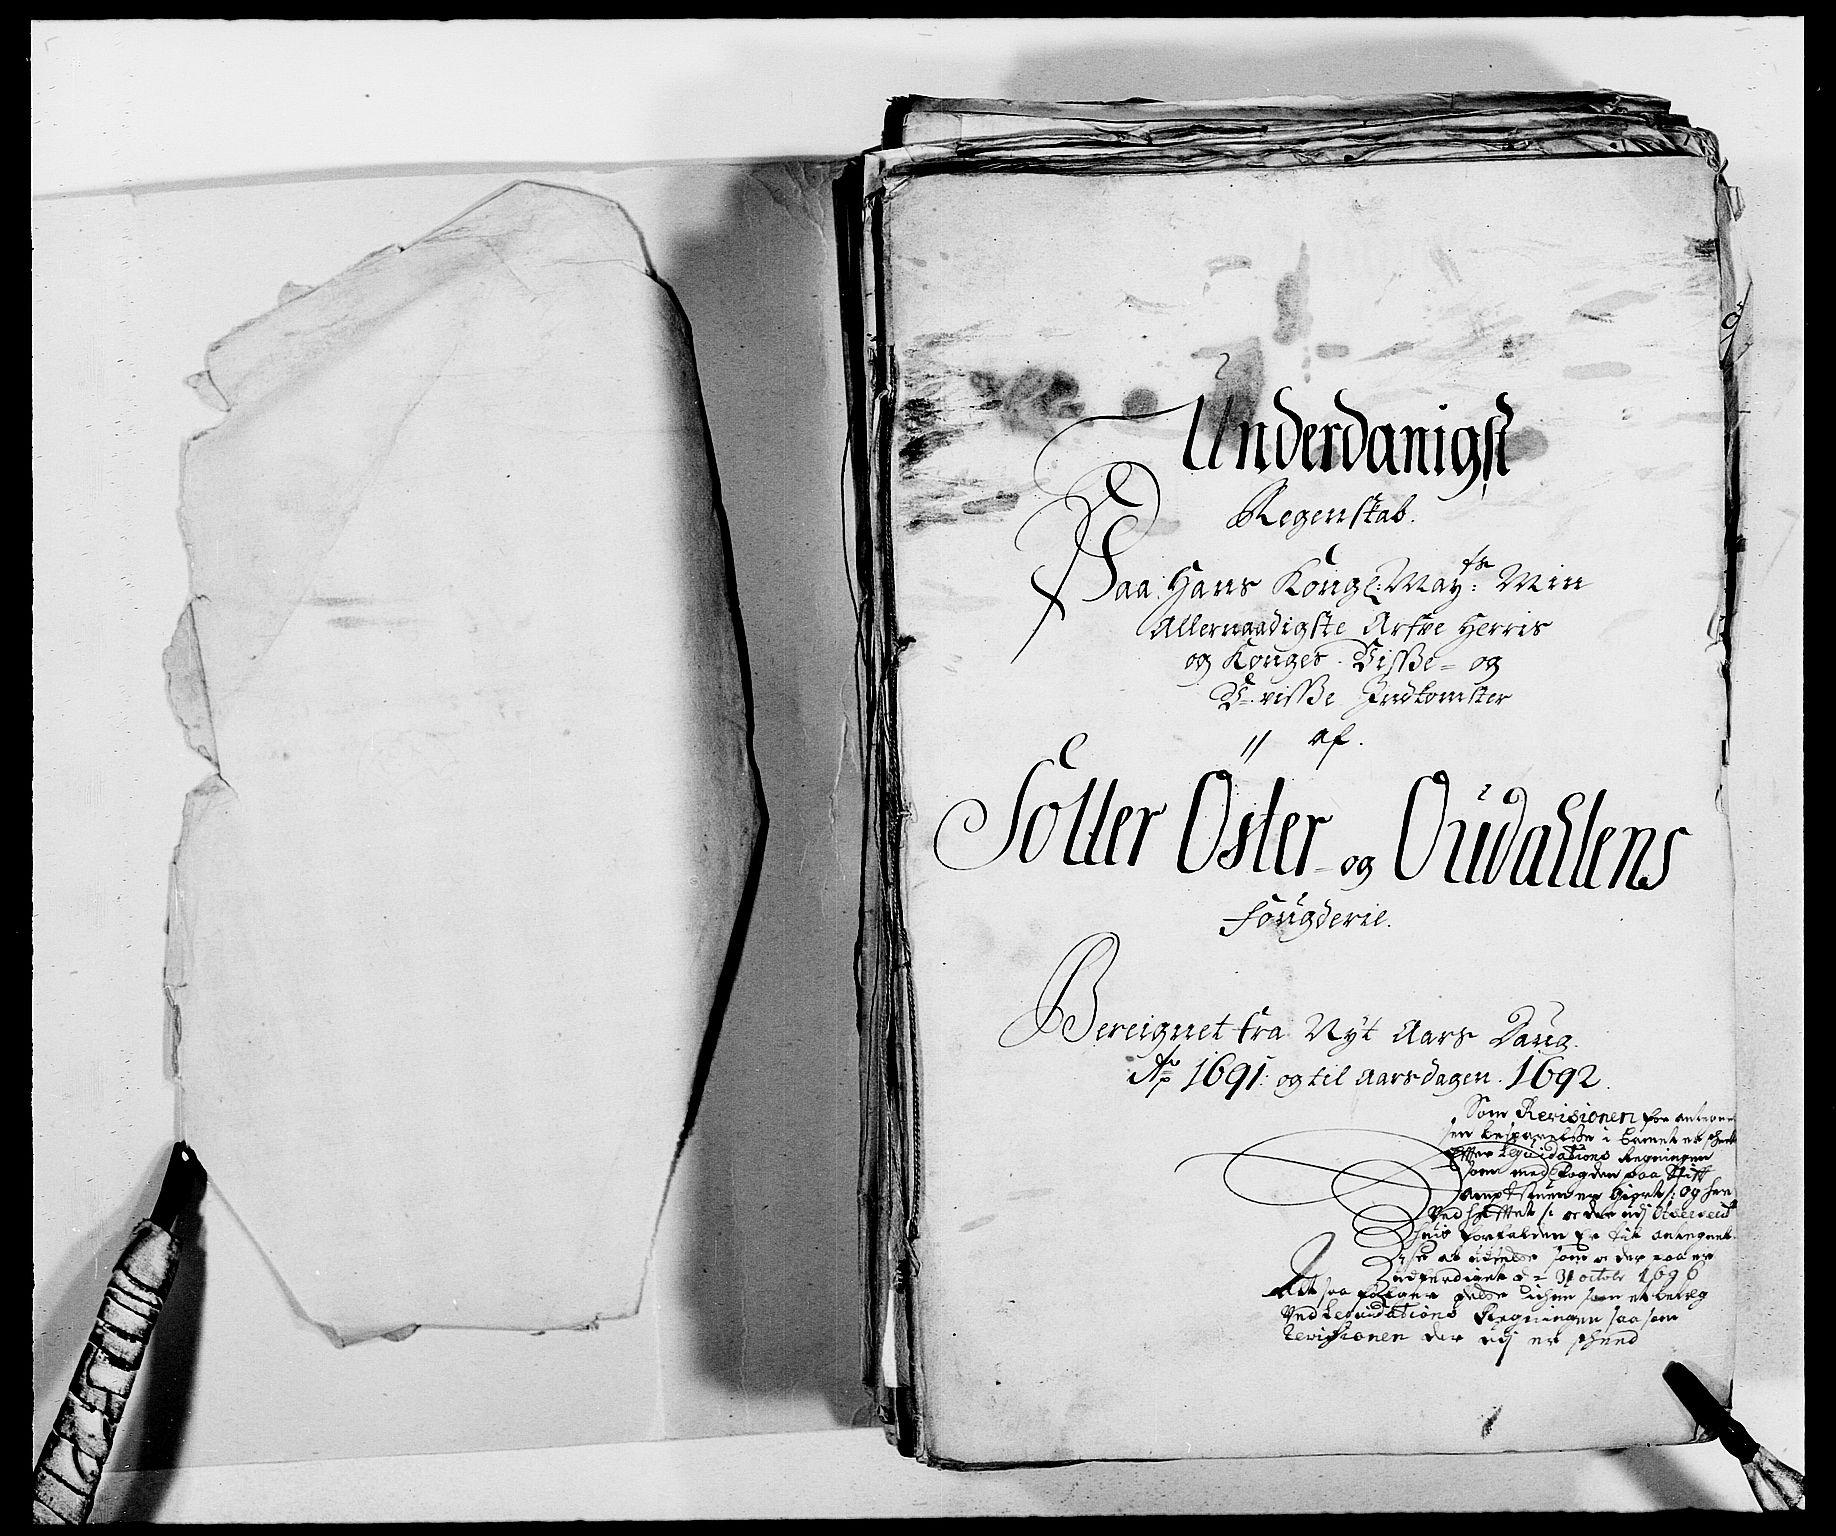 RA, Rentekammeret inntil 1814, Reviderte regnskaper, Fogderegnskap, R13/L0829: Fogderegnskap Solør, Odal og Østerdal, 1691, s. 3